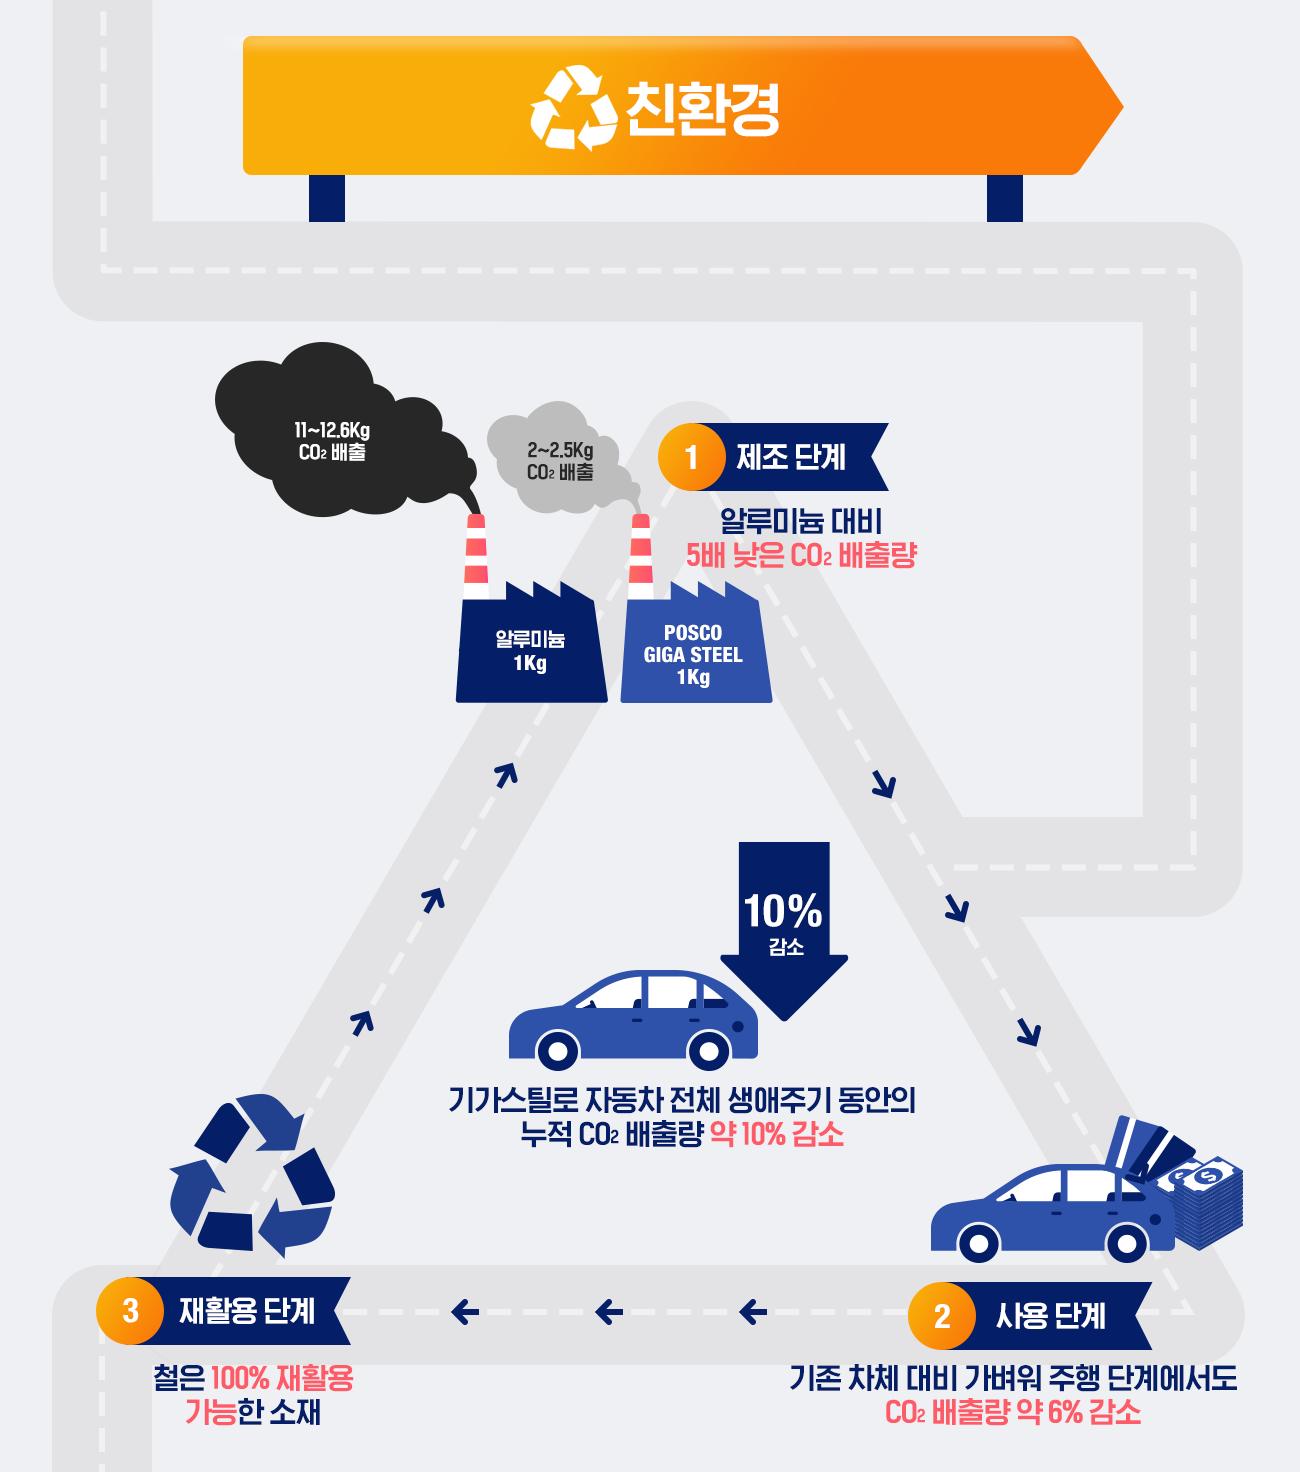 친환경: 알루미늄 1Kg, 11~12.5Kg CO2배출. POSCO GIGA STEEL 1Kg, 2~2.5Kg CO2 배출. 1. 제조 단계: 알루미늄 대비 5배 낮은 CO2 배출량. 2.사용 단계: 기존 차체 대비 가벼워 주행 단계에서도 CO2 배출량 약 6% 감소. 3. 재활용 단계: 철은 100% 재활용 가능한 소재. 기가스틸로 자동차 전체 생애주기 동안의 누적 배출량 약 10% 감소.